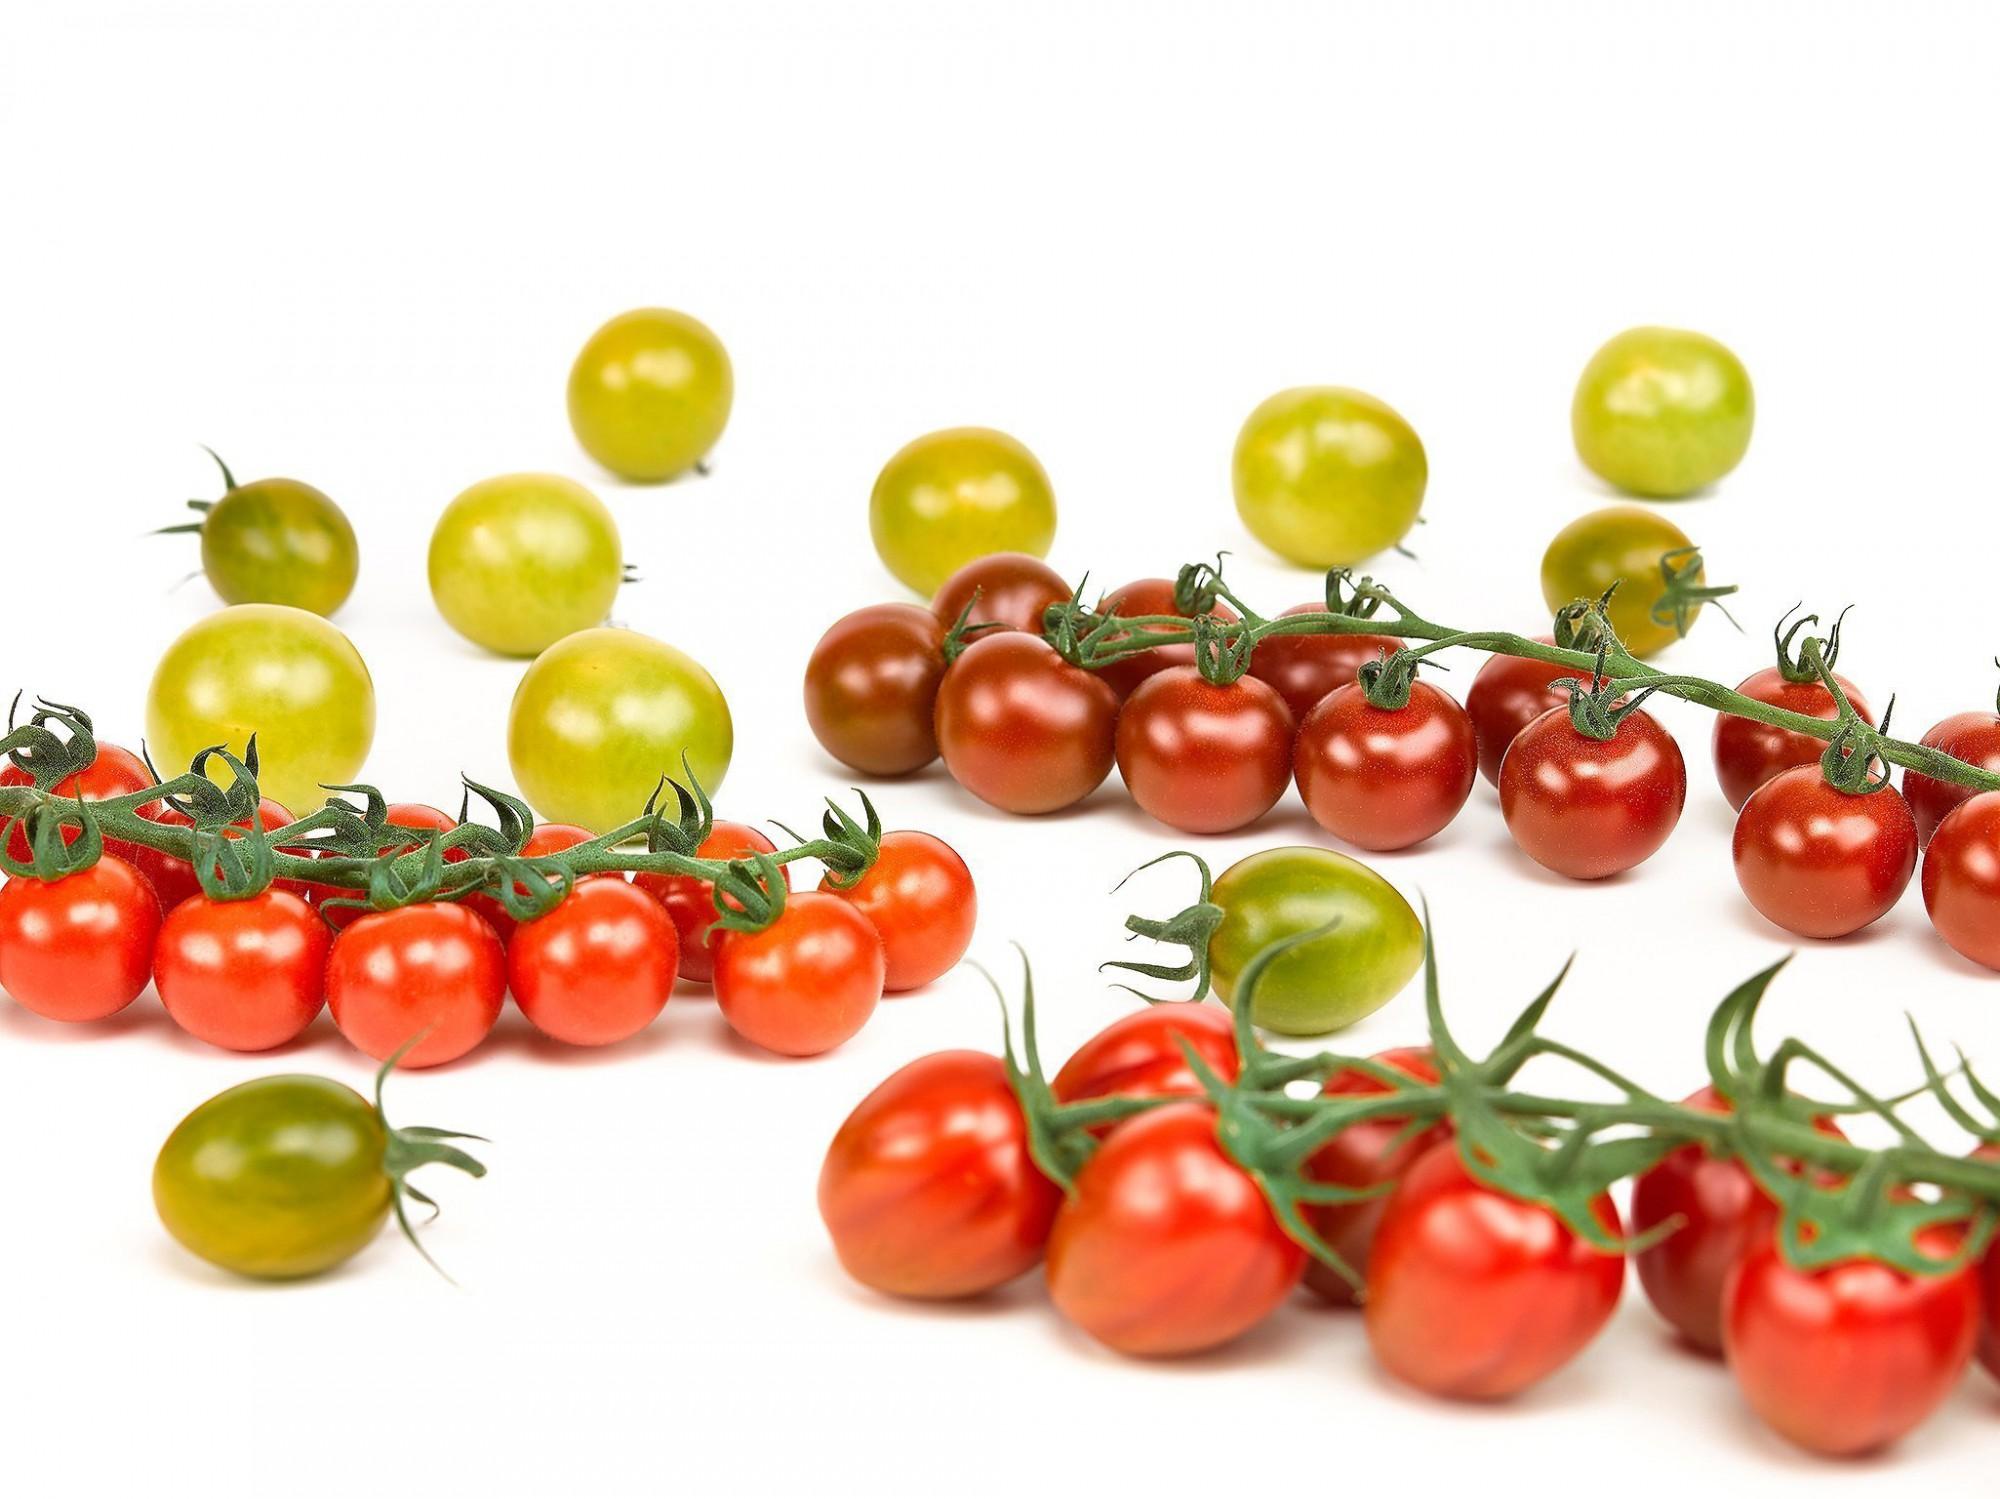 Afbeelding: Food fotografie assortiment tomaten voor Stoffels Tomaten, studio fotografie.